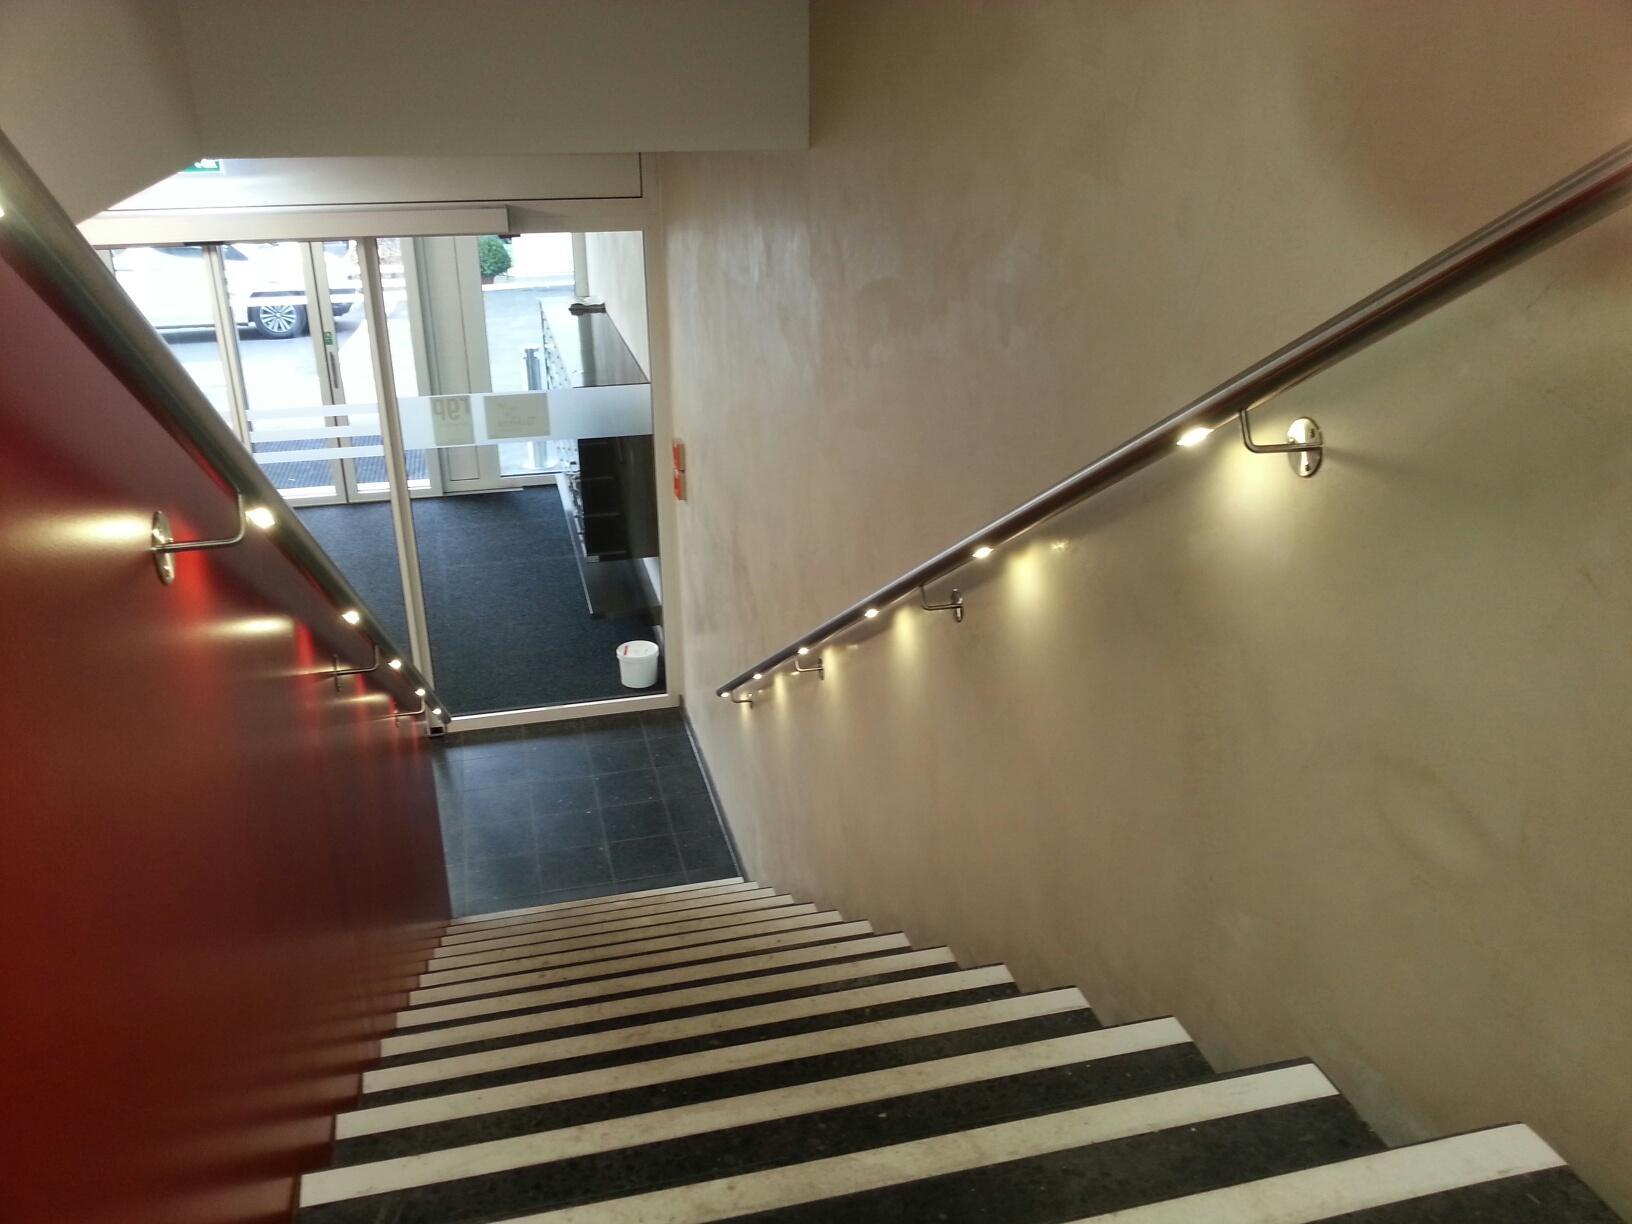 Richtig gemacht: beidseitige Handläufe mit Beleuchtung in einem Gebäude mit Publikumsverkehr, öffentlich zugänglich